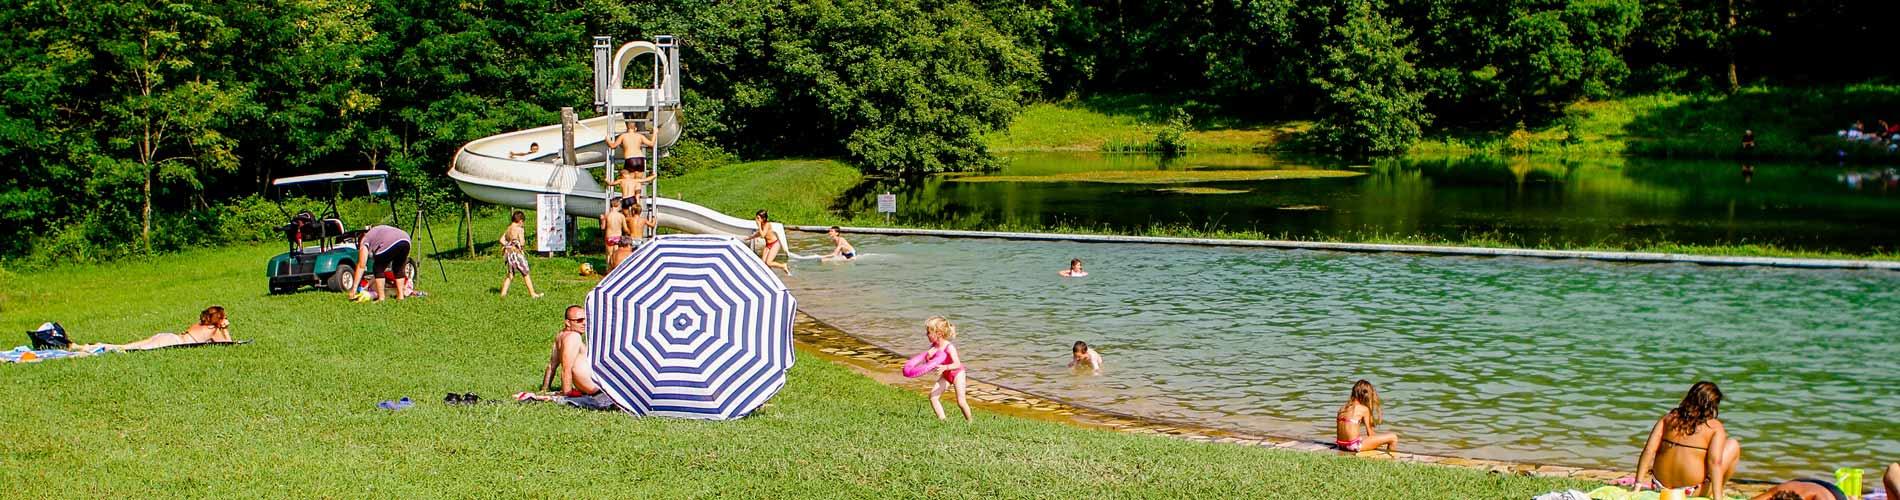 Camping avec espace aquatique pays basque camping avec for Camping pays basque bord de mer avec piscine